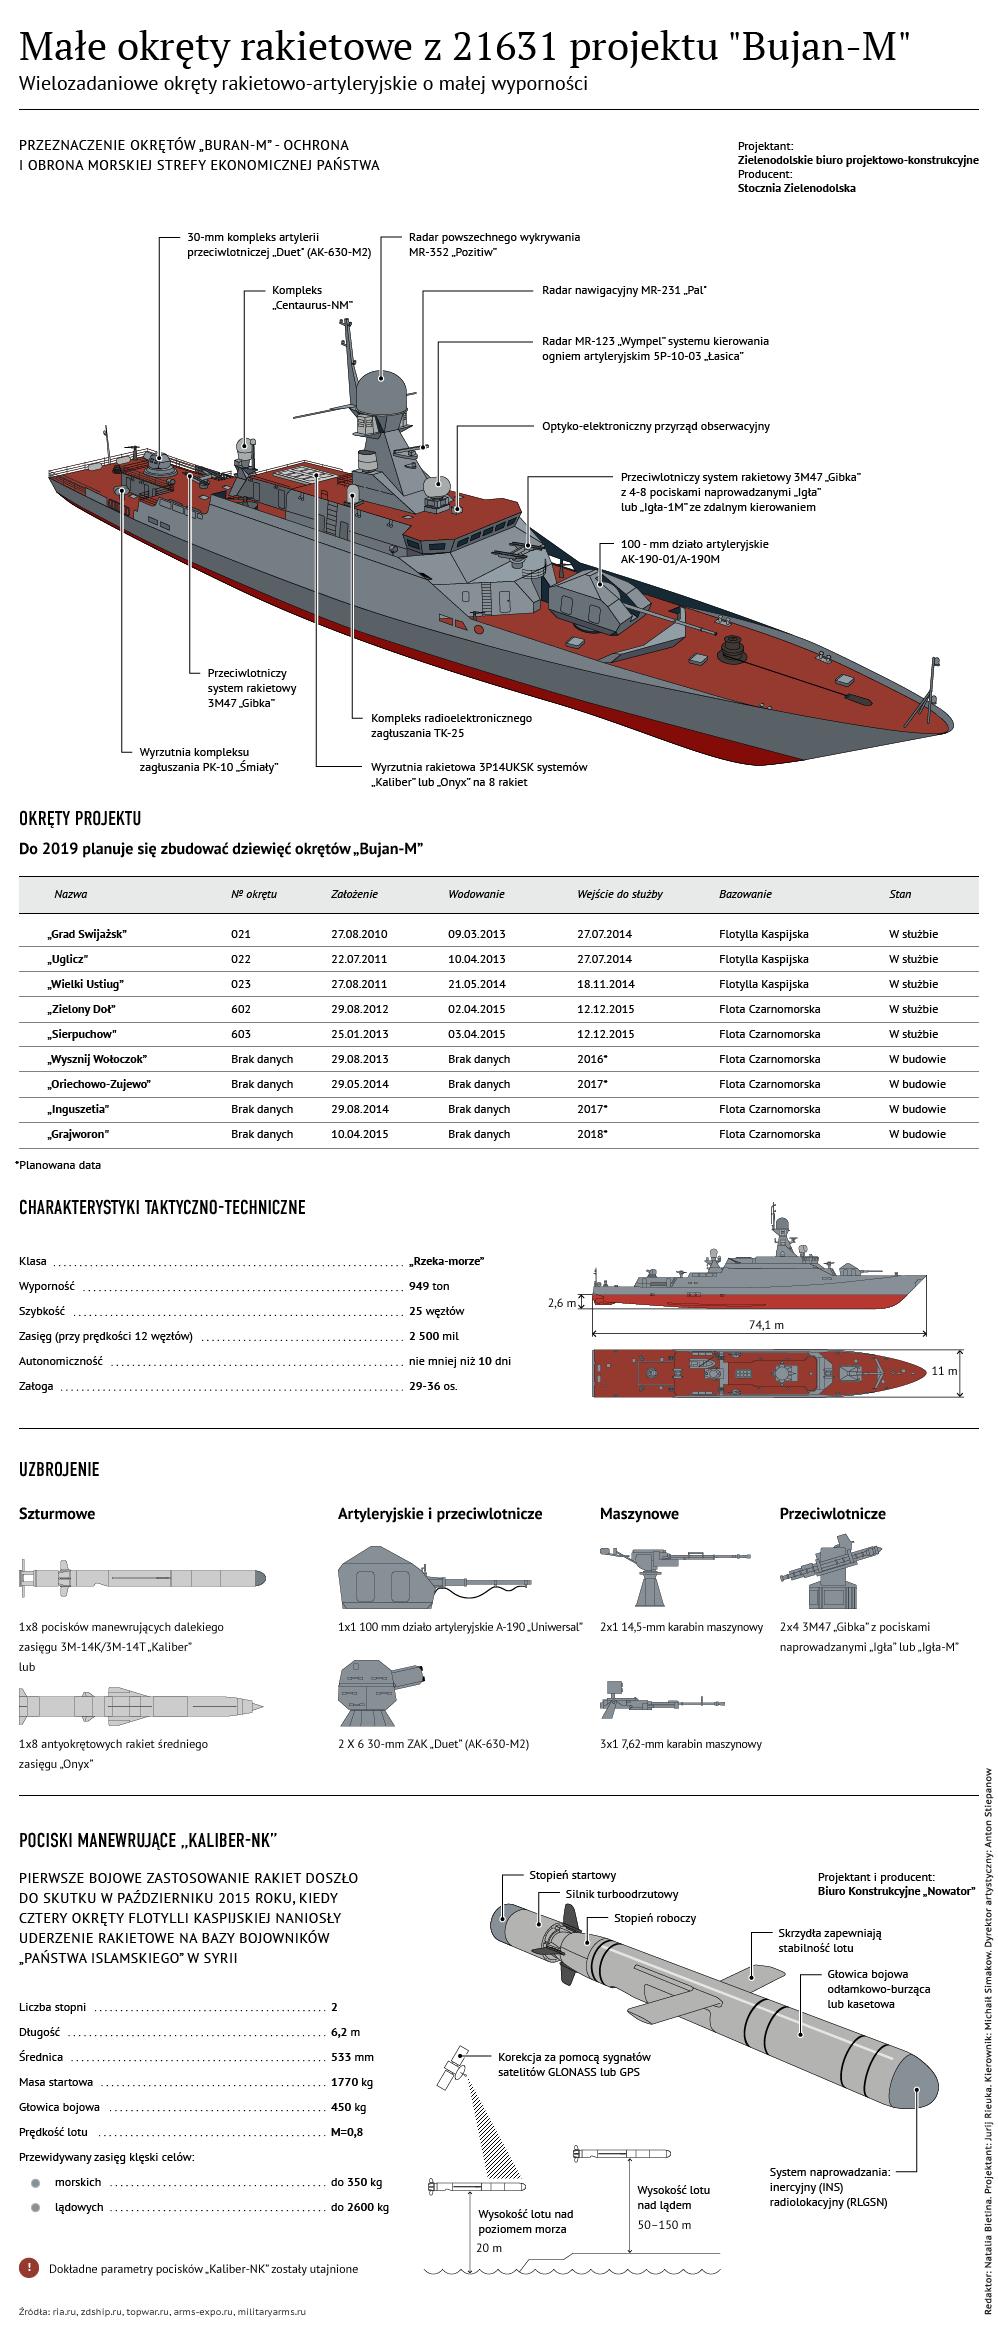 Małe okręty rakietowe z 21631 projektu Buran-M